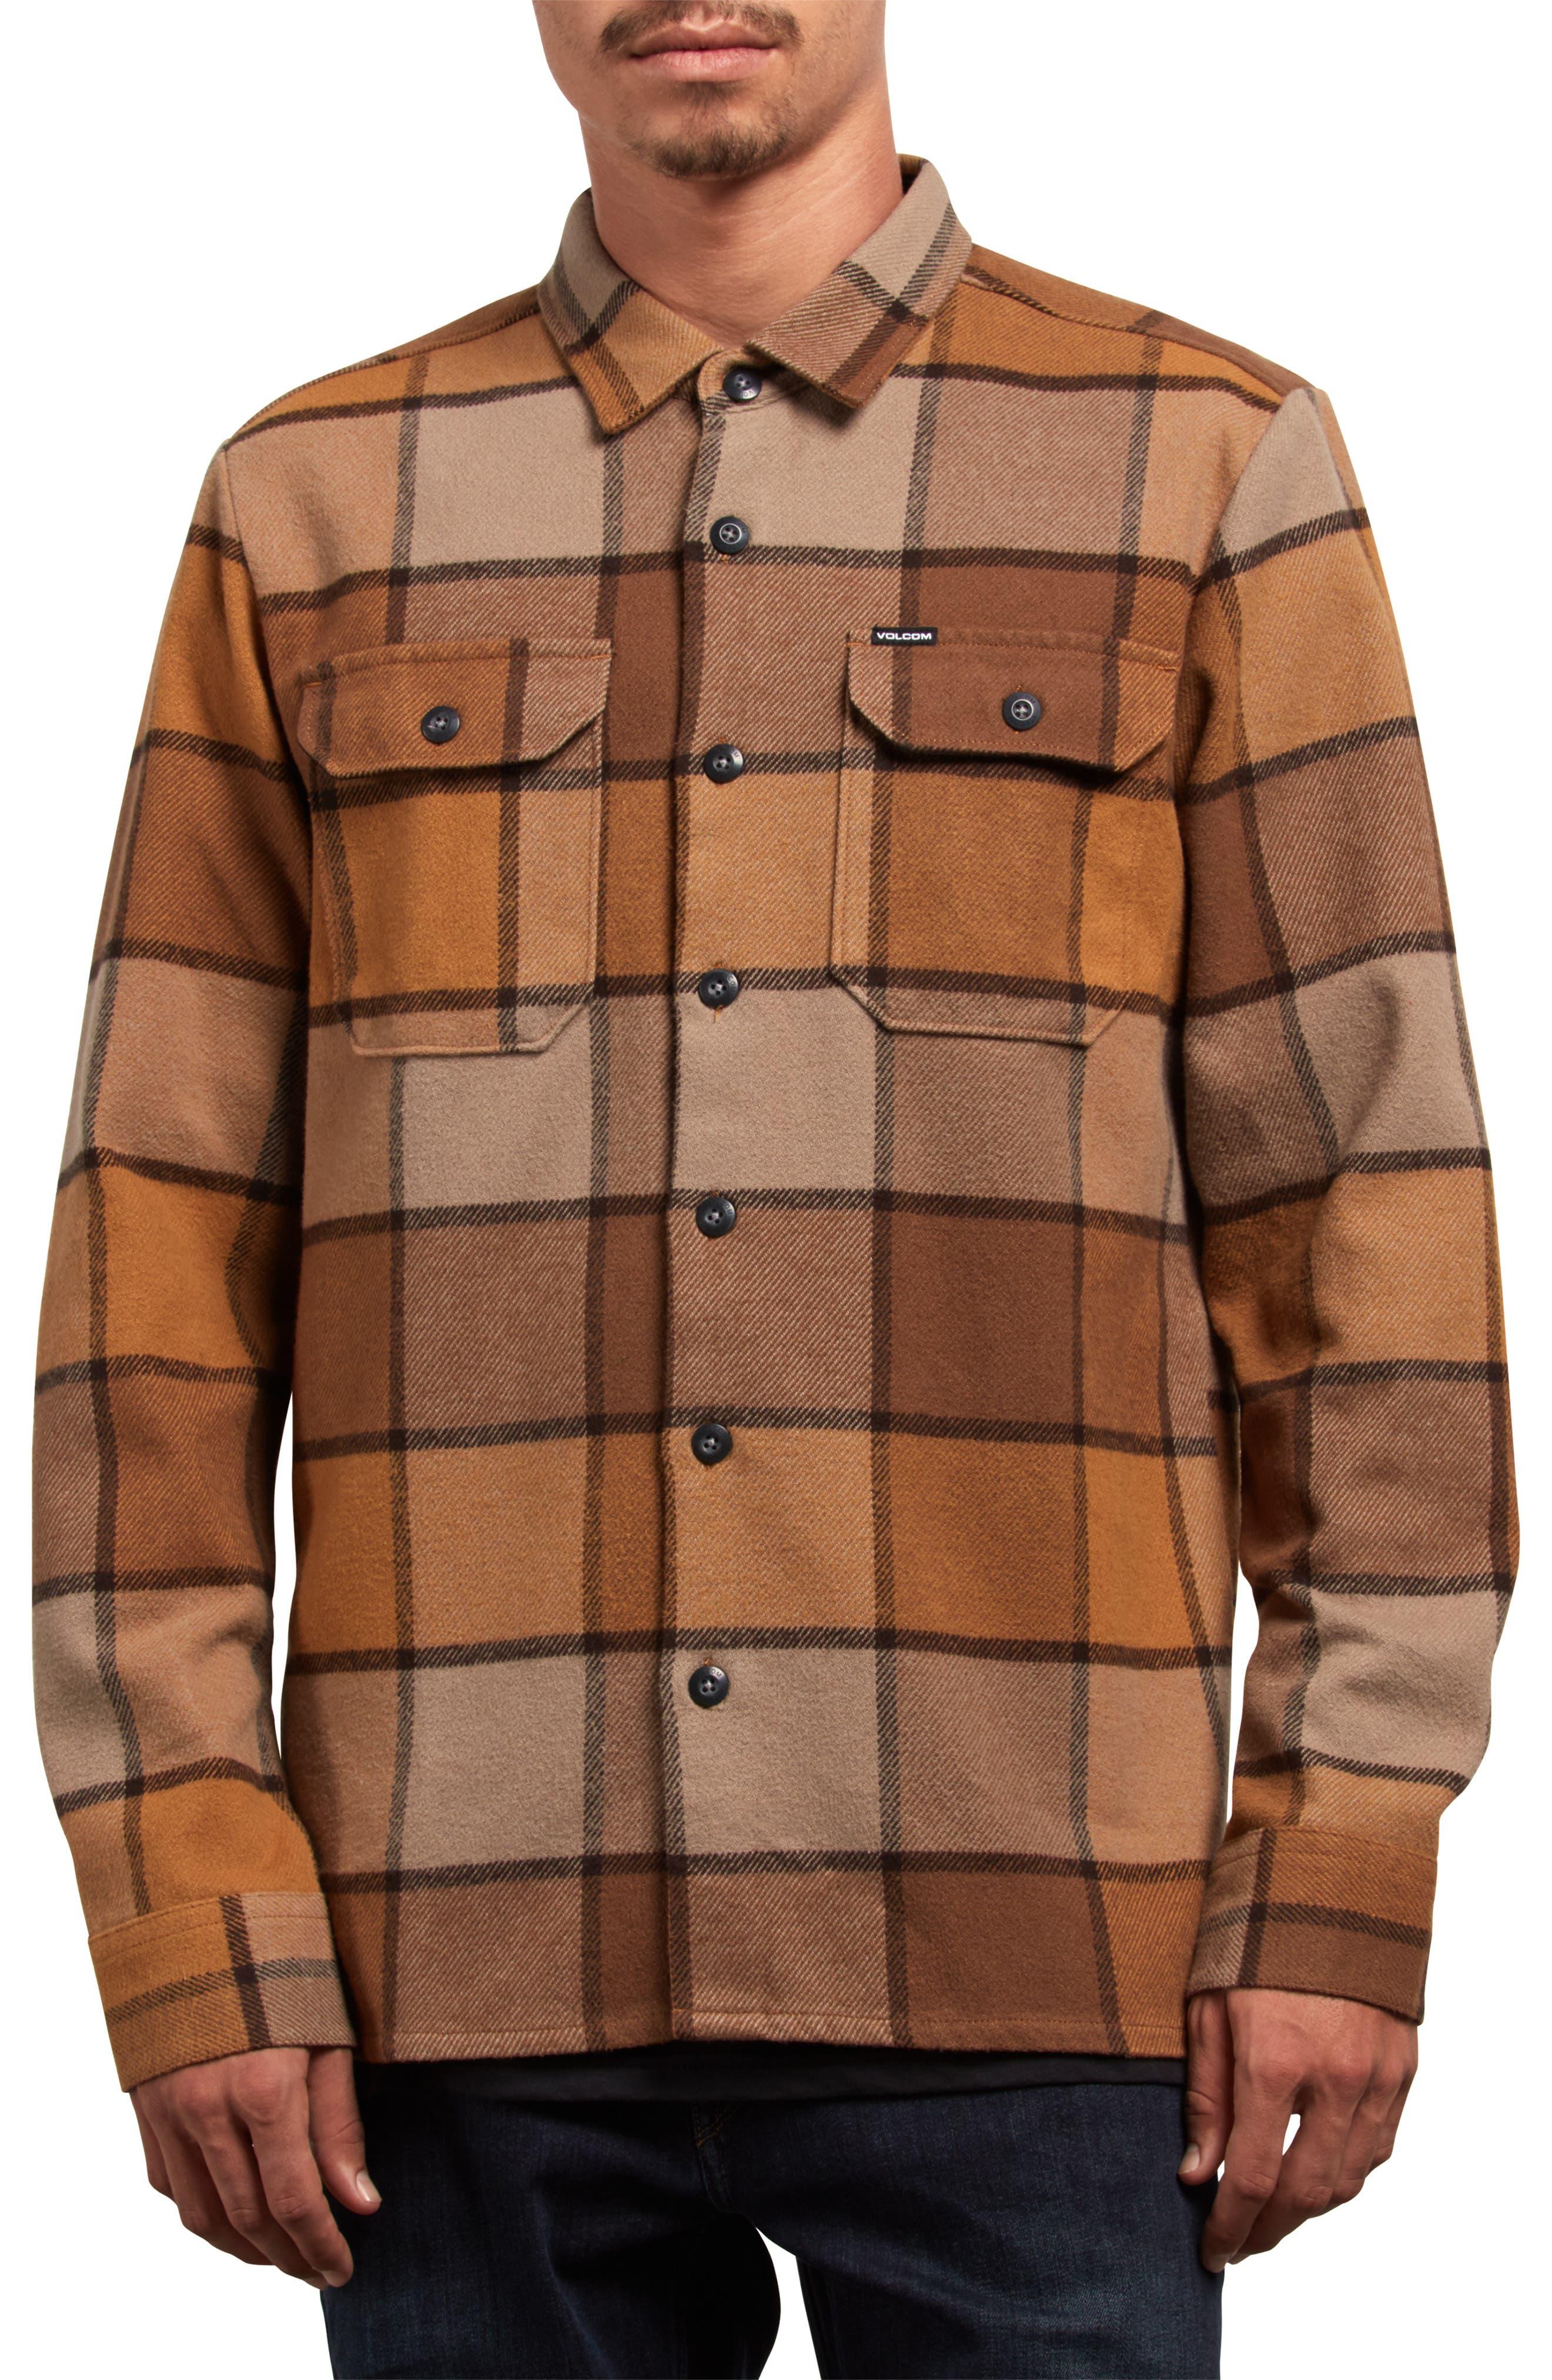 Randower Plaid Flannel Shirt,                         Main,                         color, MUD